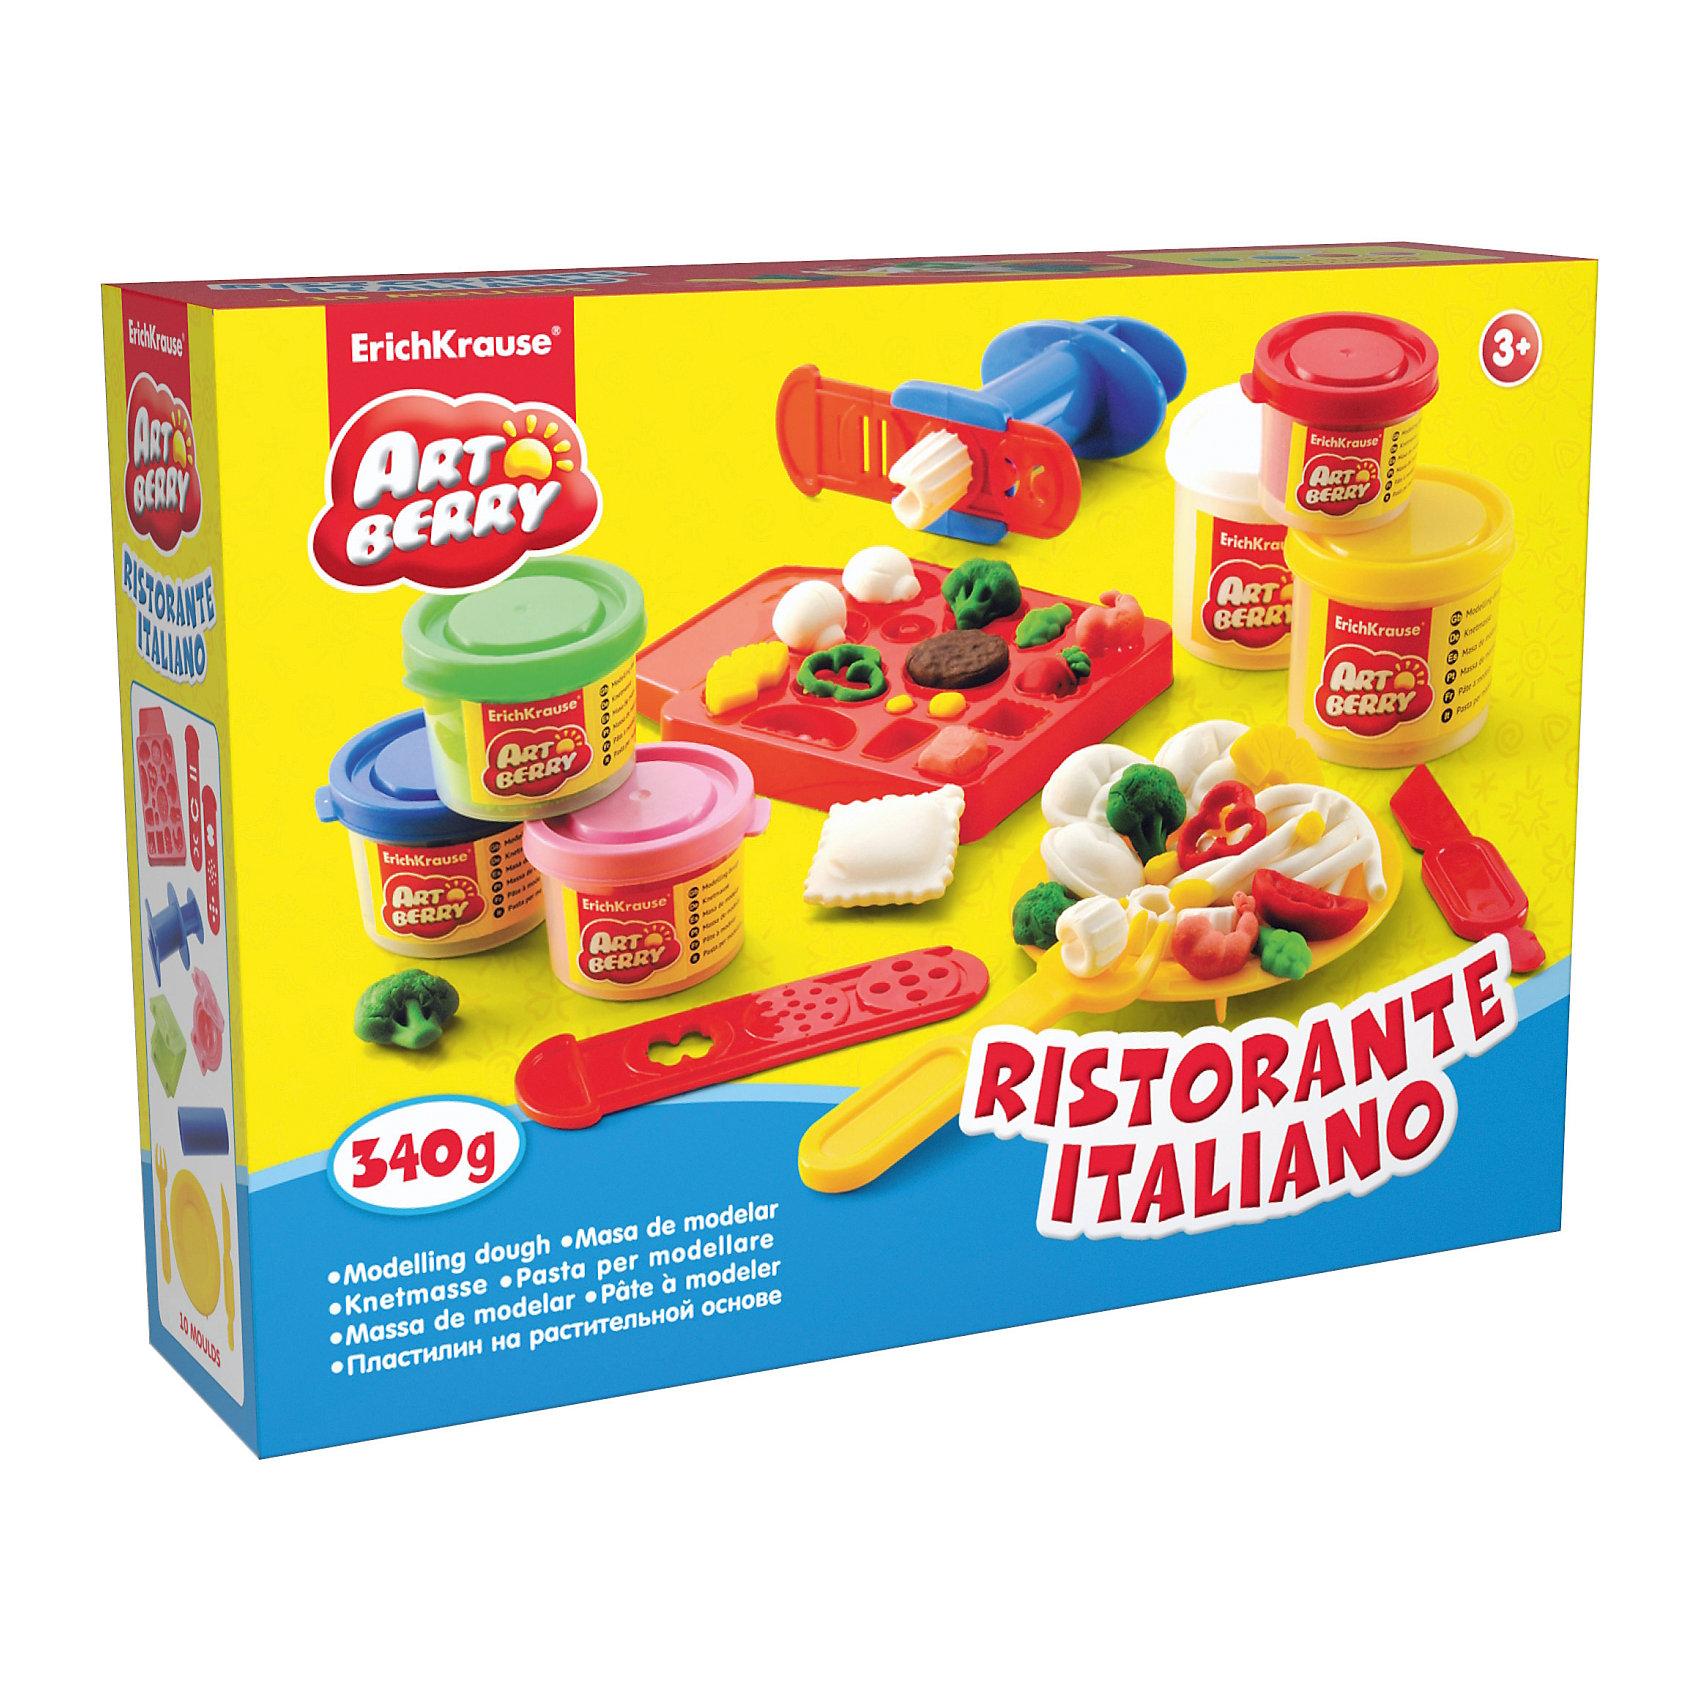 Набор для лепки: Пластилин на растительной основе Ristorante Italiano, 6 цветовЛепка<br>Состав: 2 цвета пластилина по 100 г, 4 цвета пластилина по 35 г + форма-трафарет для лепки, 2 формочки, скалка, стек, вилка, тарелка, шприц, 2 декоративные линейки Упаковка: картонная коробка в термоплёнке<br><br>Ширина мм: 315<br>Глубина мм: 230<br>Высота мм: 78<br>Вес г: 760<br>Возраст от месяцев: 60<br>Возраст до месяцев: 216<br>Пол: Унисекс<br>Возраст: Детский<br>SKU: 3293877